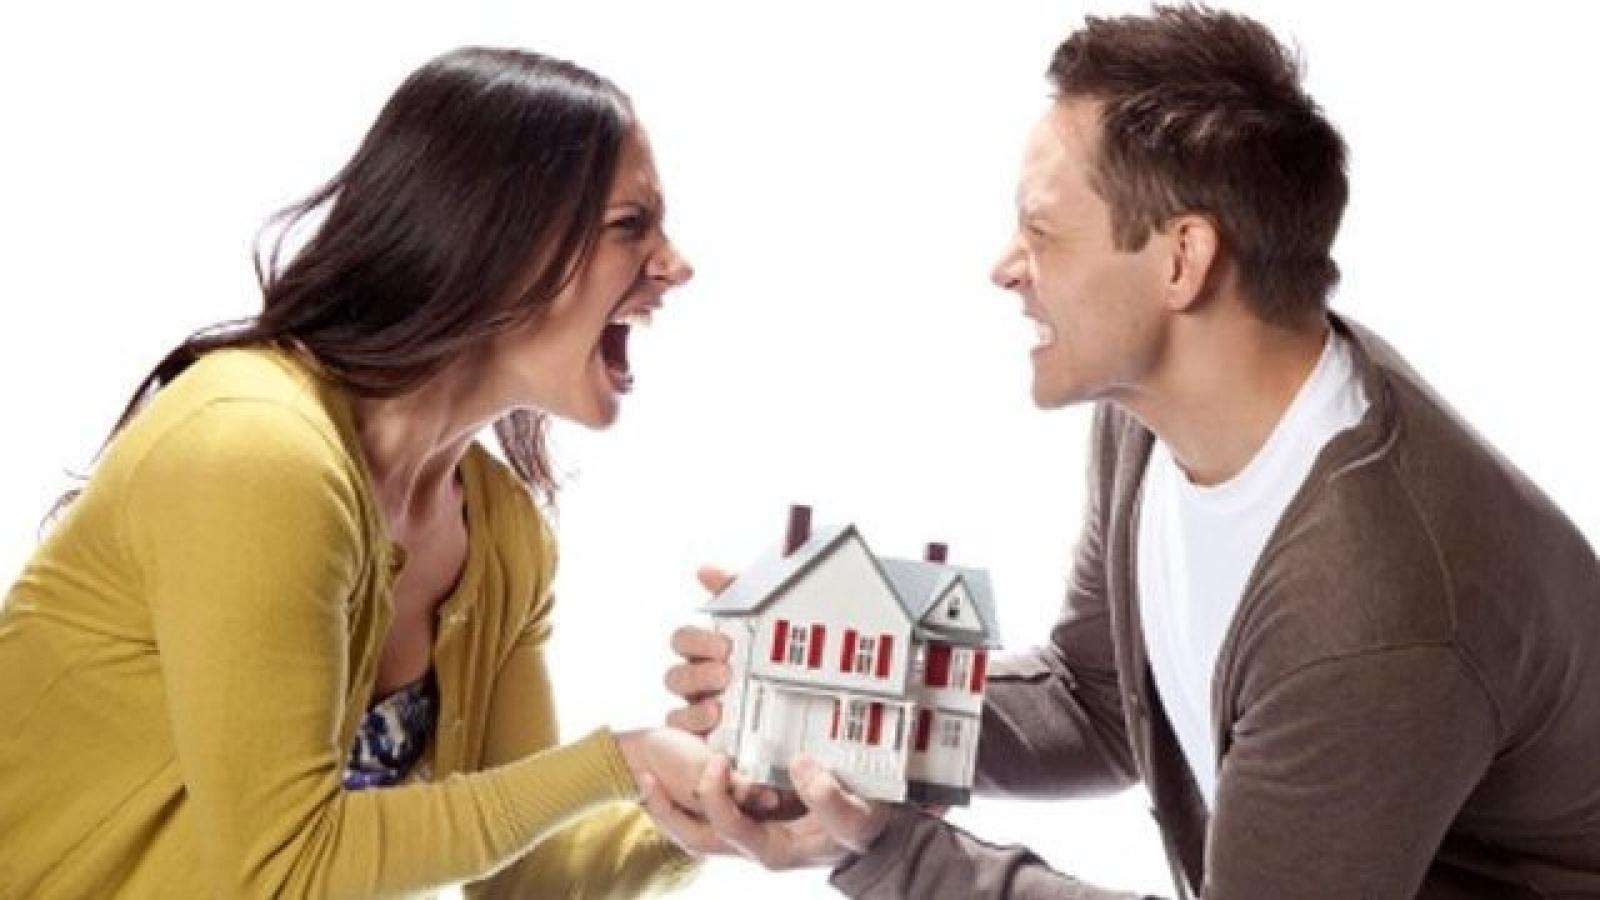 Ly hôn: Tài sản chia đôi hay ai làm người đấy hưởng?